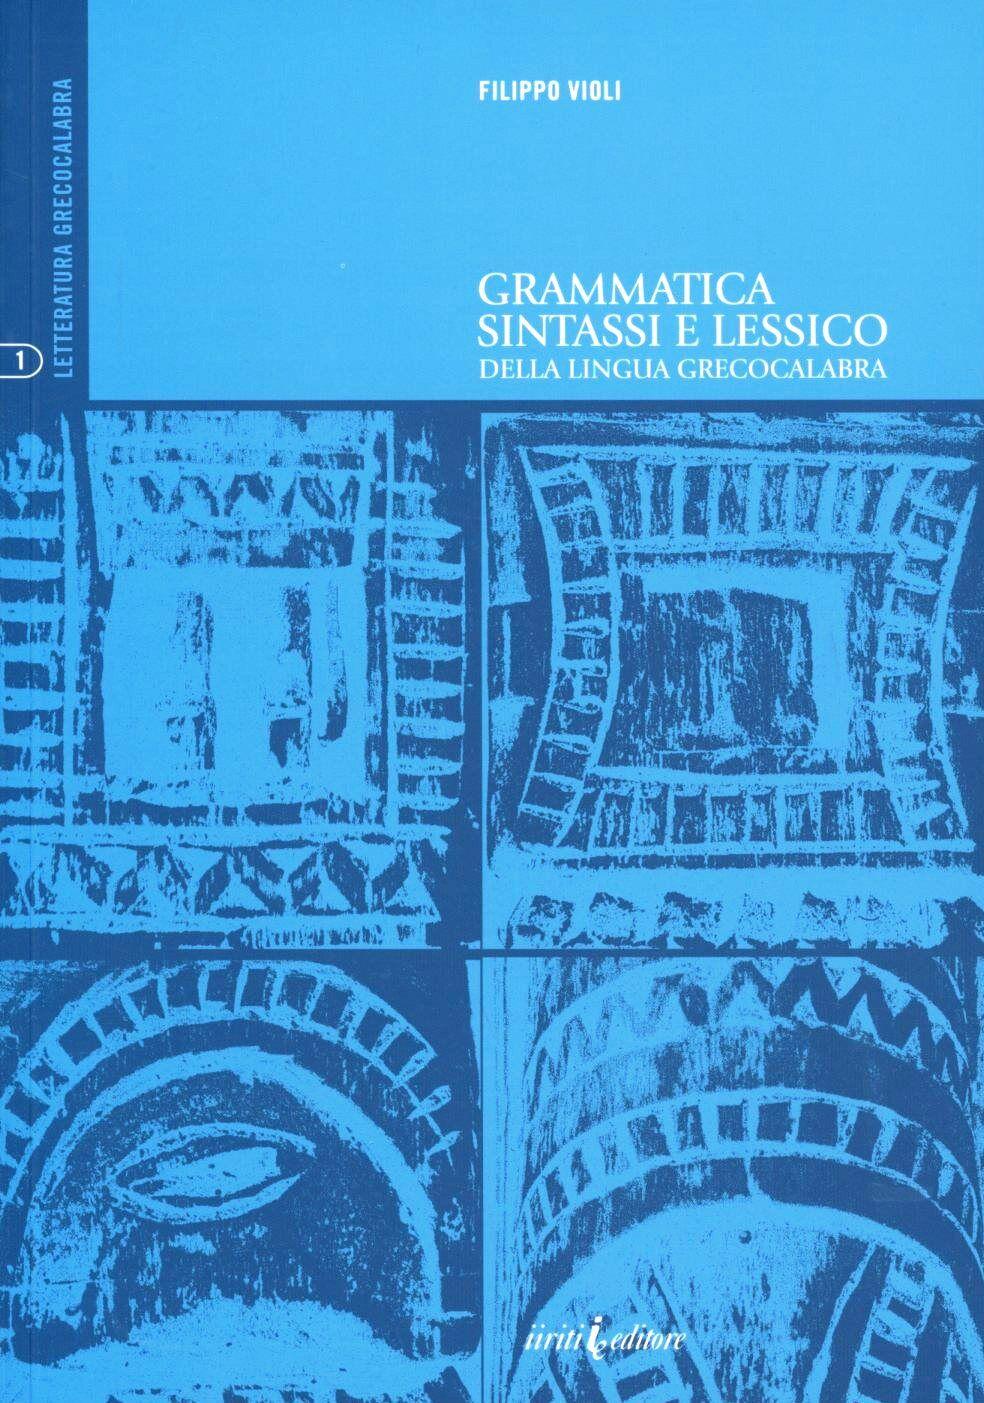 Grammatica sintassi e lessico della lingua greco-calabra